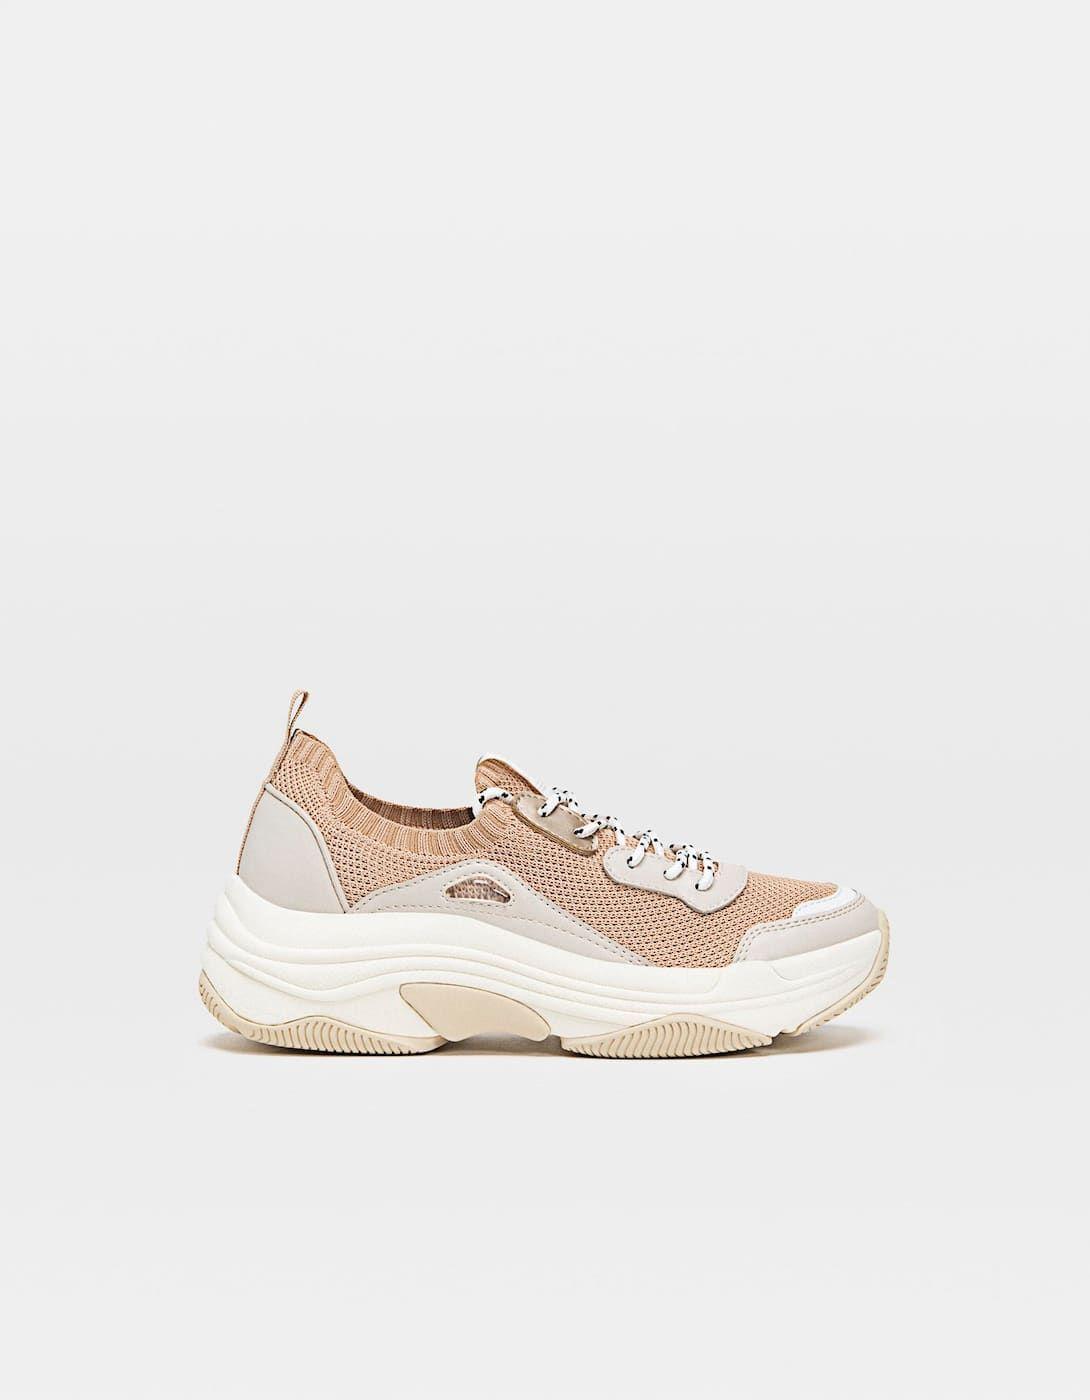 Sapatilhas Com Plataforma Combinada Com Knit Tenis Stradivarius Portugal Sapatilhas Sapatos Plataforma